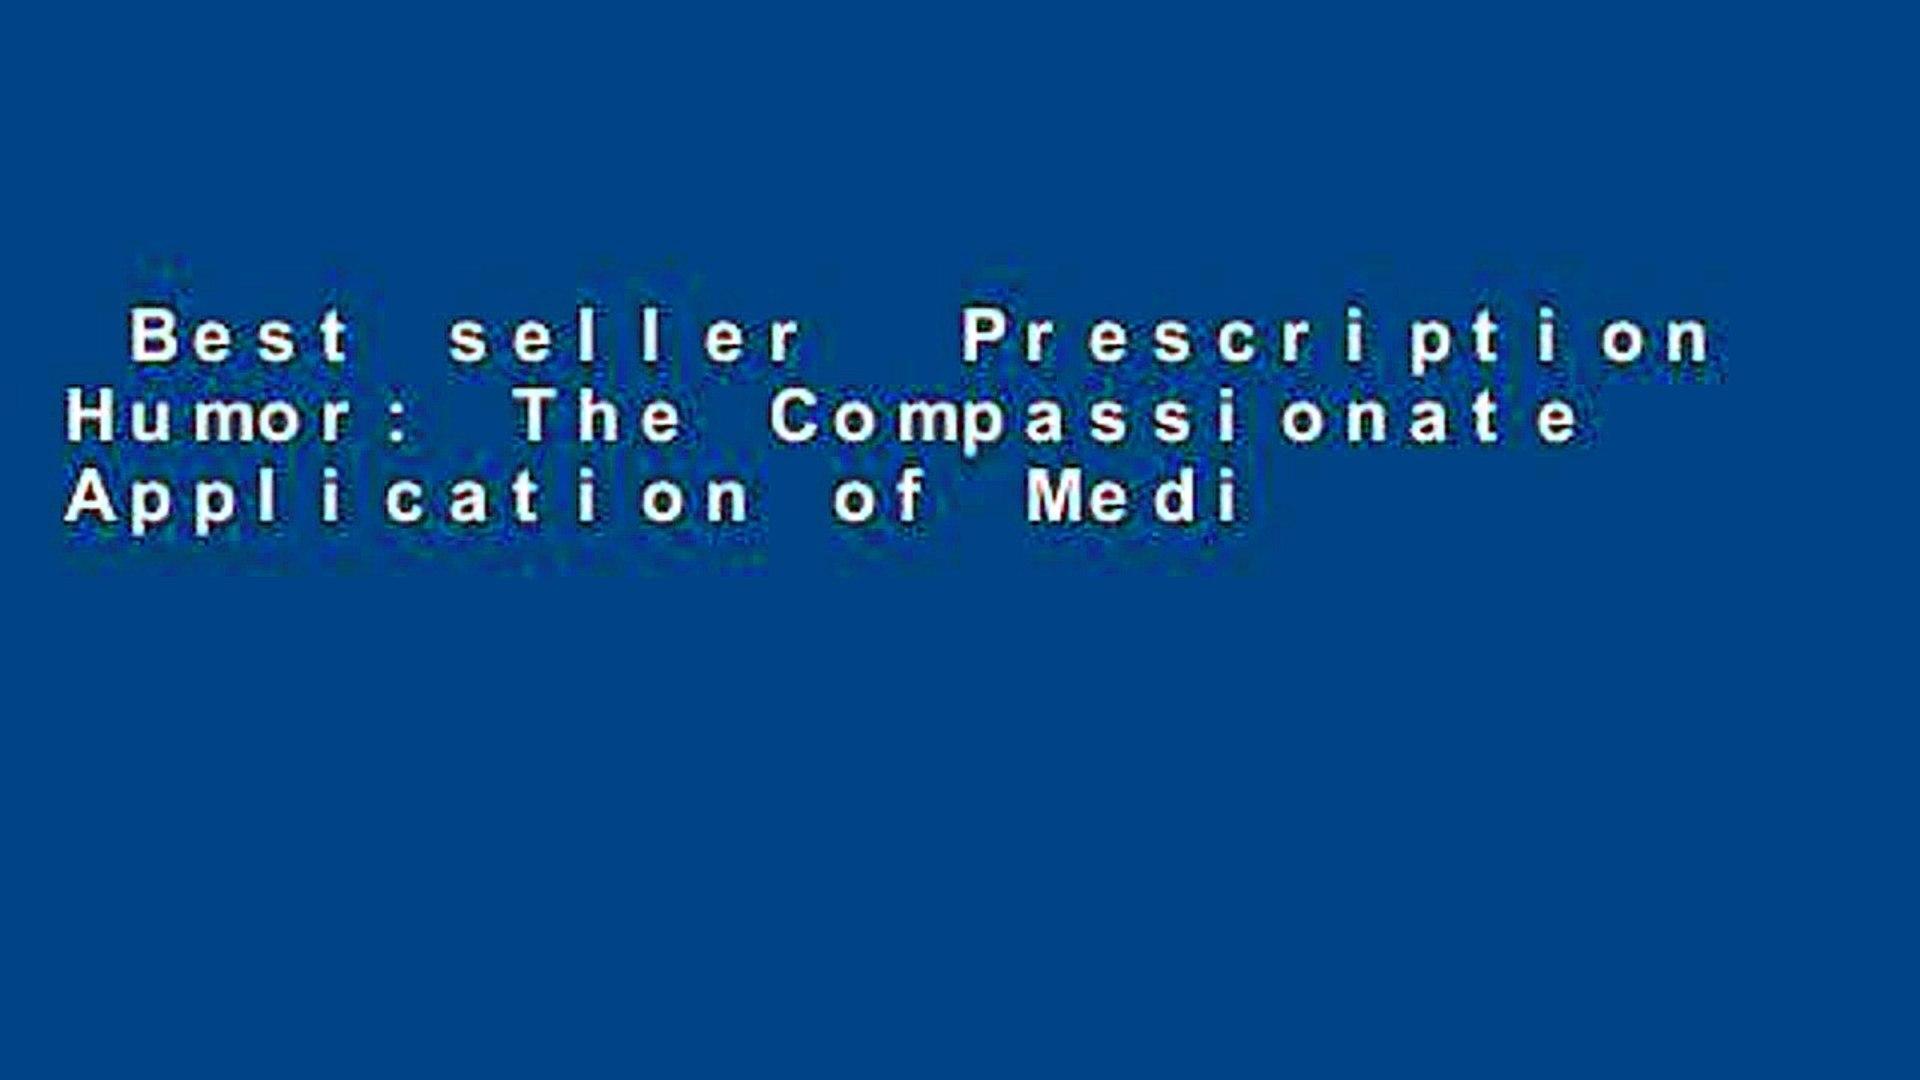 Best seller  Prescription Humor: The Compassionate Application of Medicinal Humor  E-book